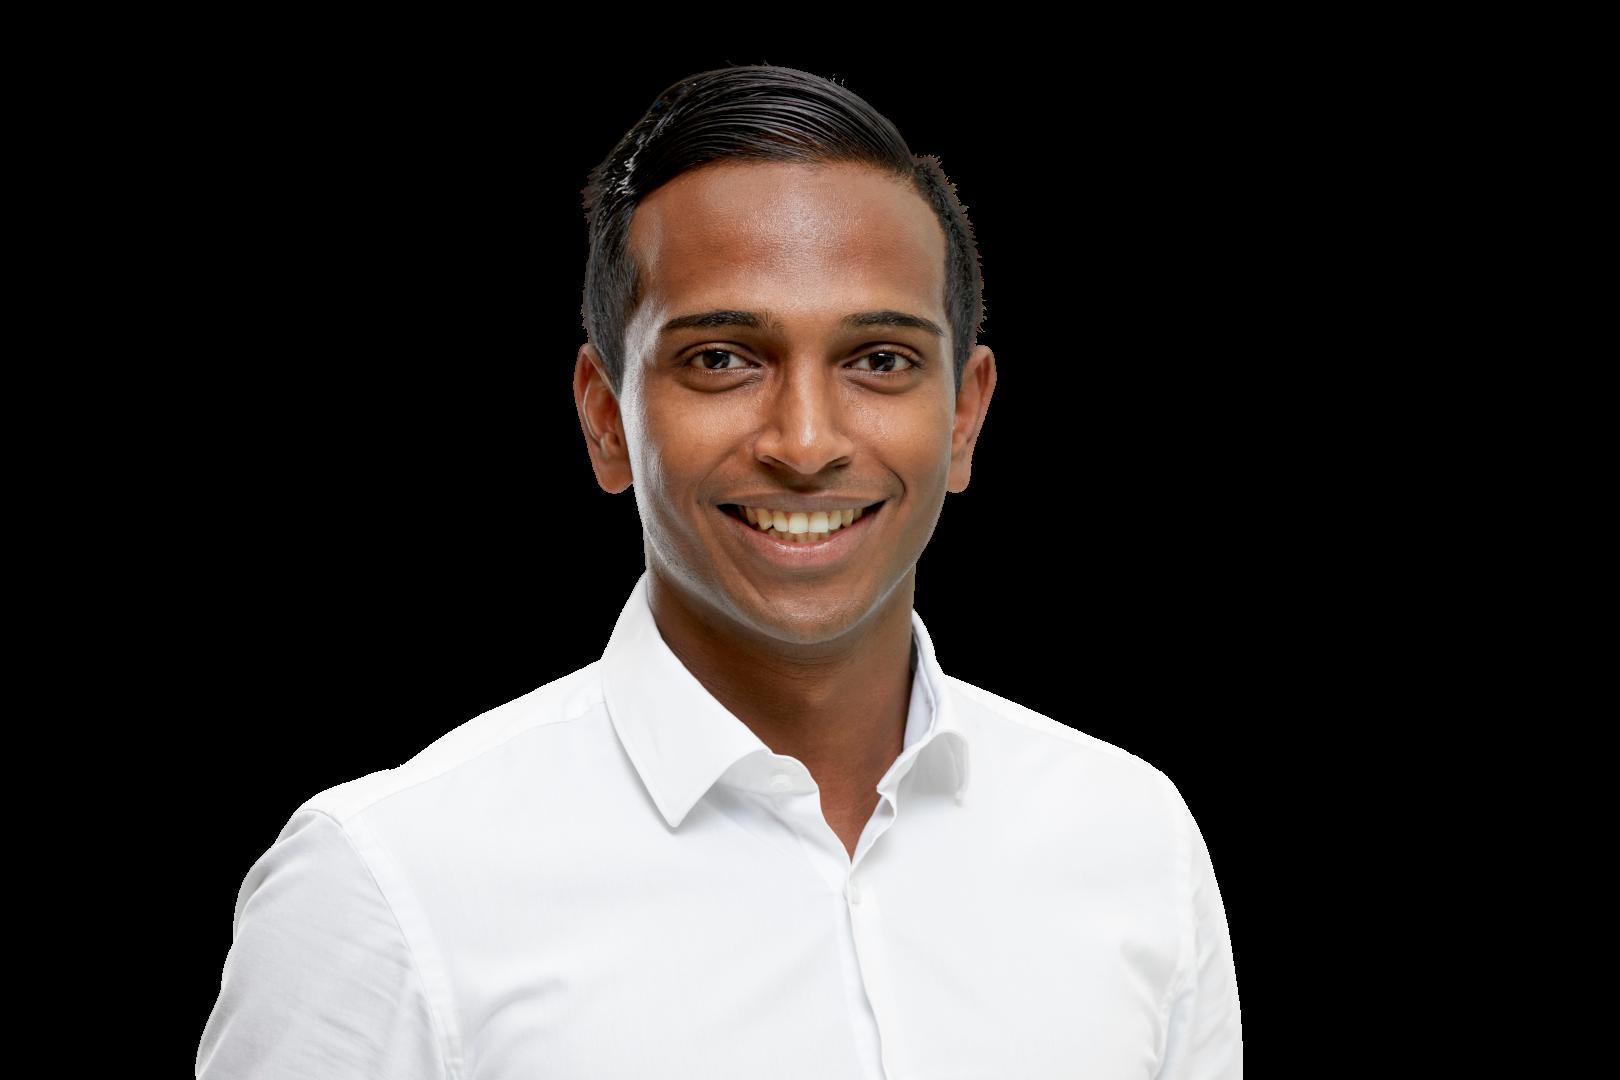 Nirosh Manoranjithan